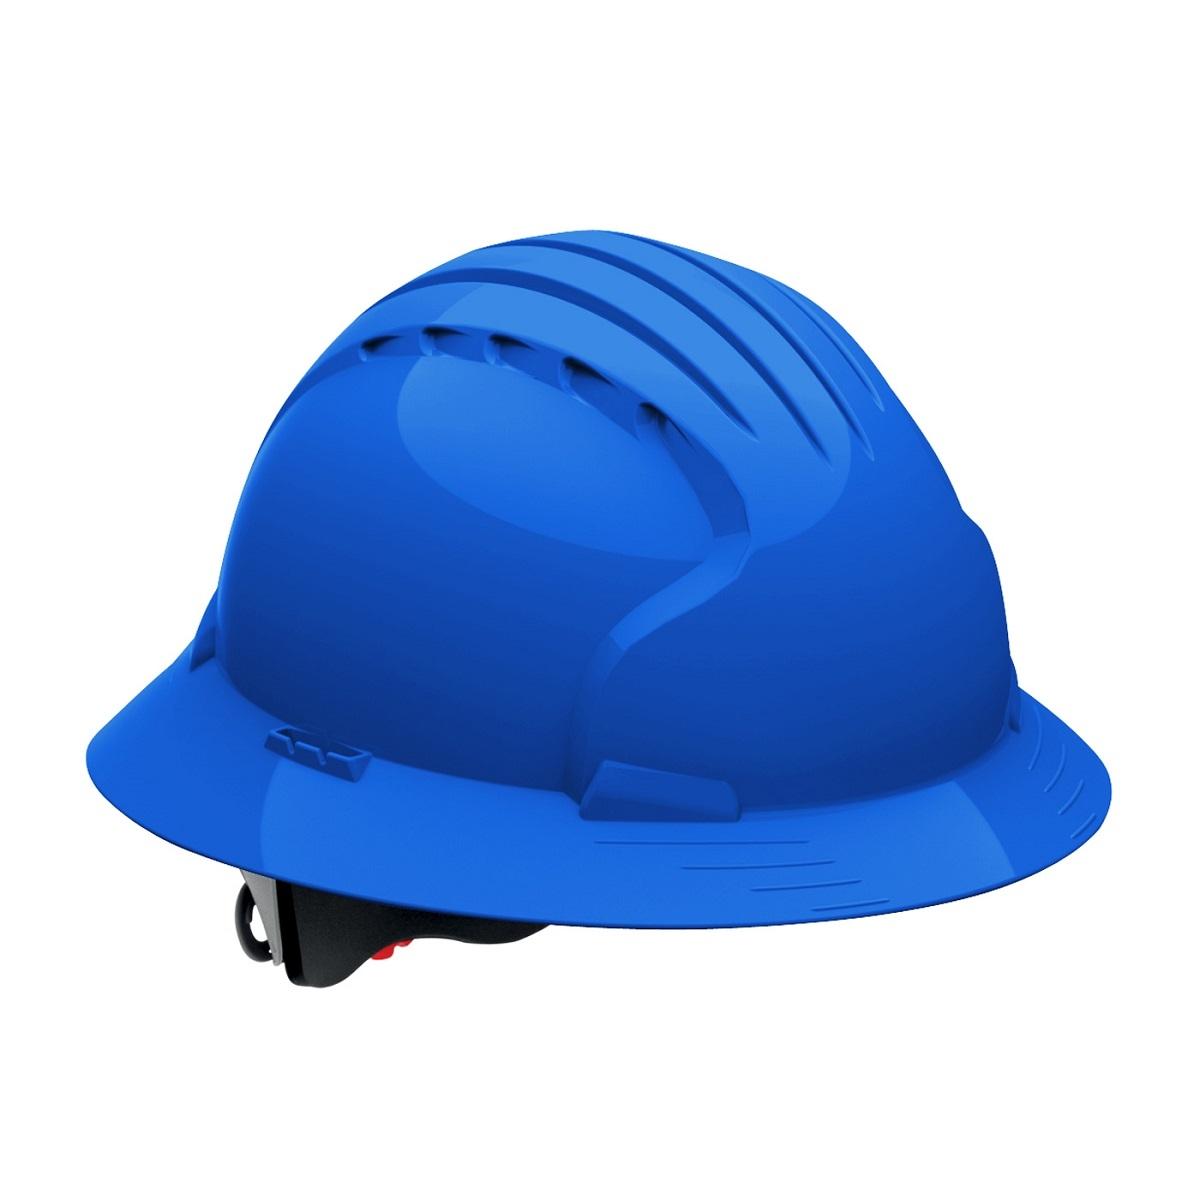 jsp evolution 6161 deluxe full brim hard hat wheel ratchet suspension blue. Black Bedroom Furniture Sets. Home Design Ideas